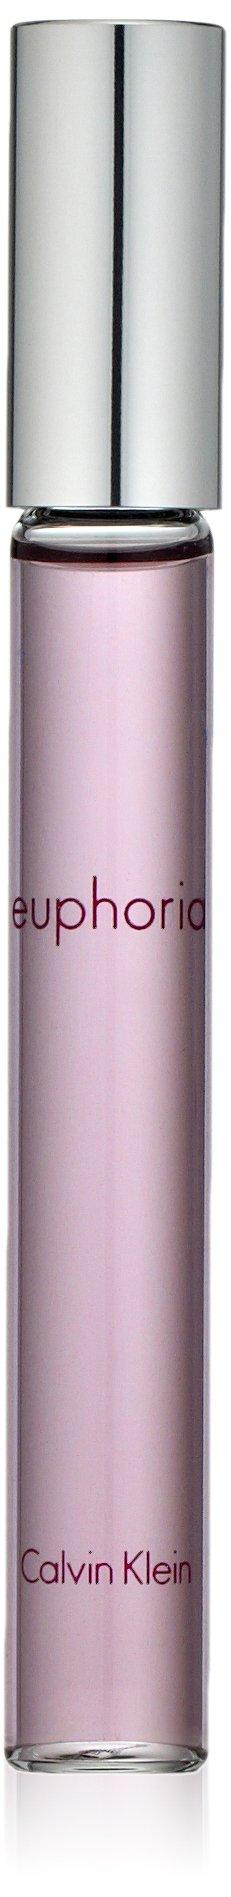 Calvin Klein euphoria Eau de Parfum Rollerball, 0.33 Fl Oz by Calvin Klein